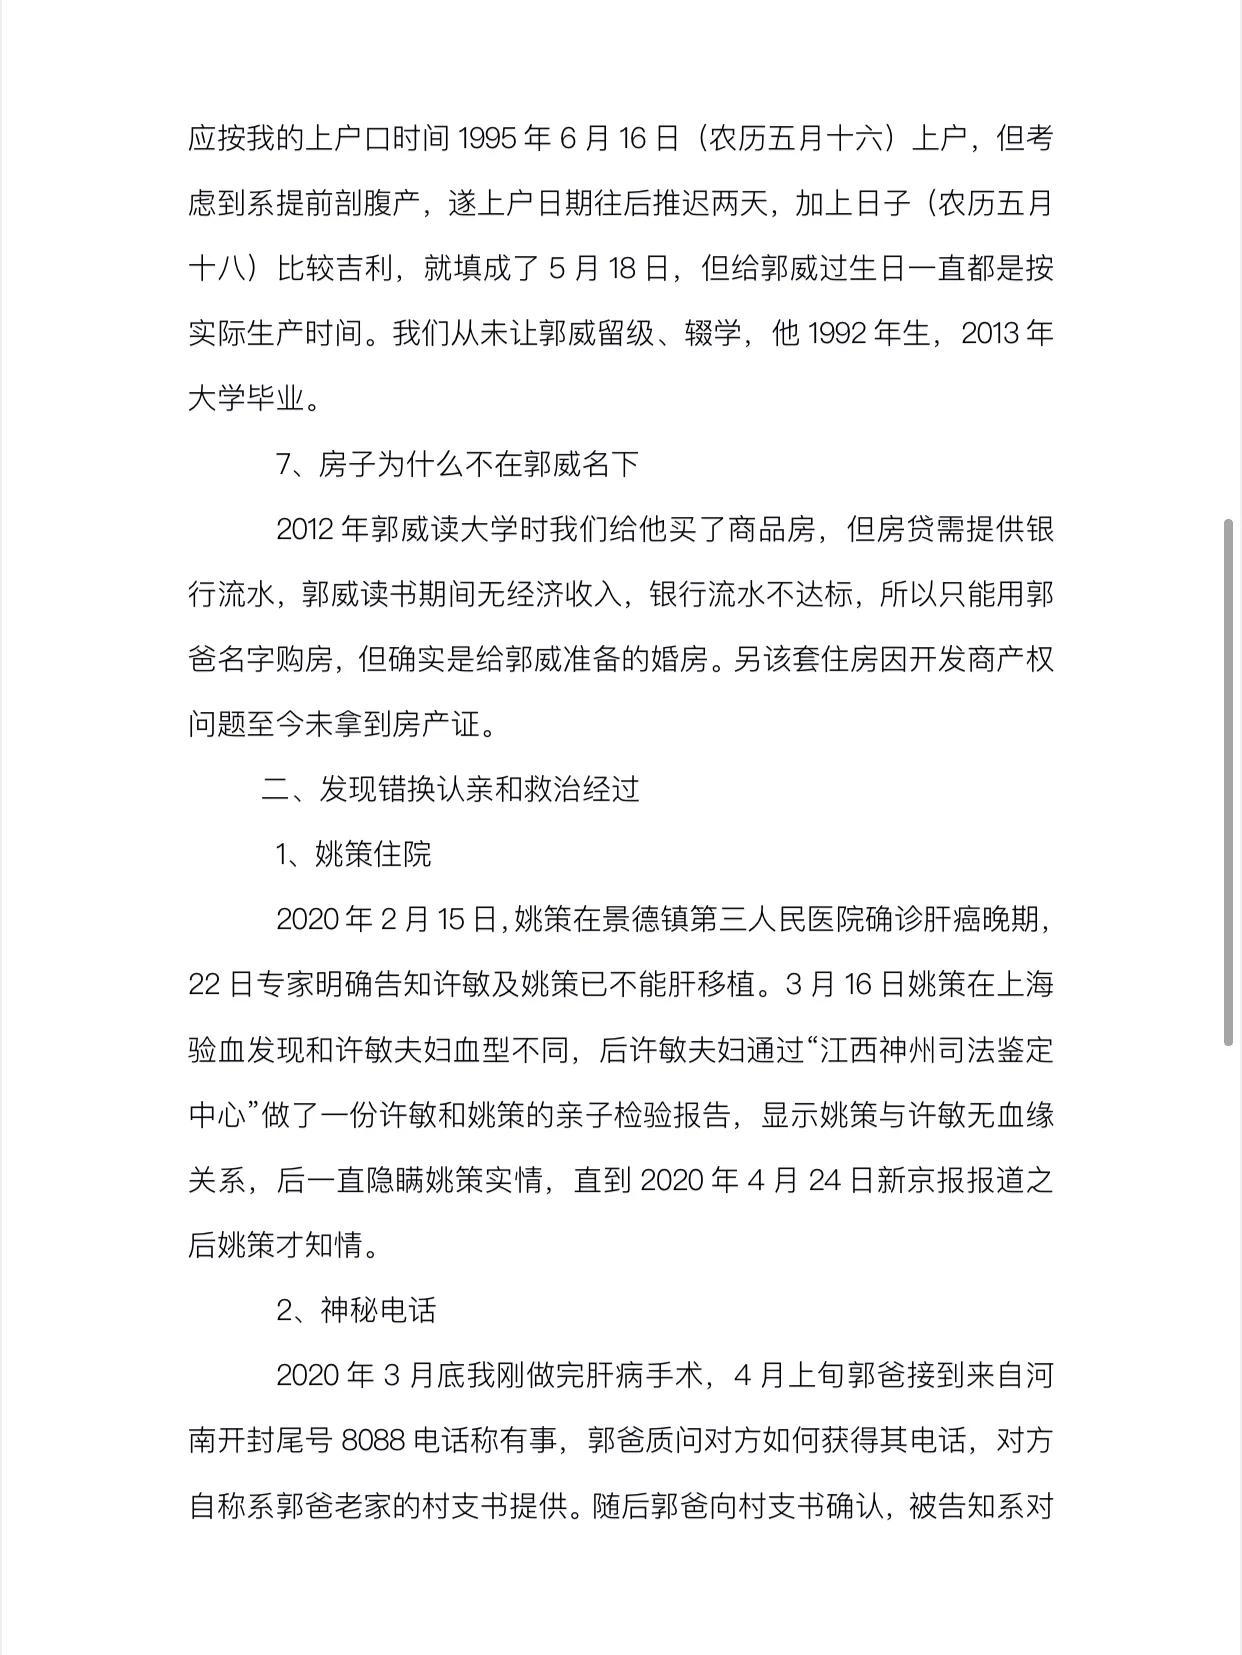 """错换人生28年案杜新枝发长文回应""""偷换""""质疑 控告造谣者"""